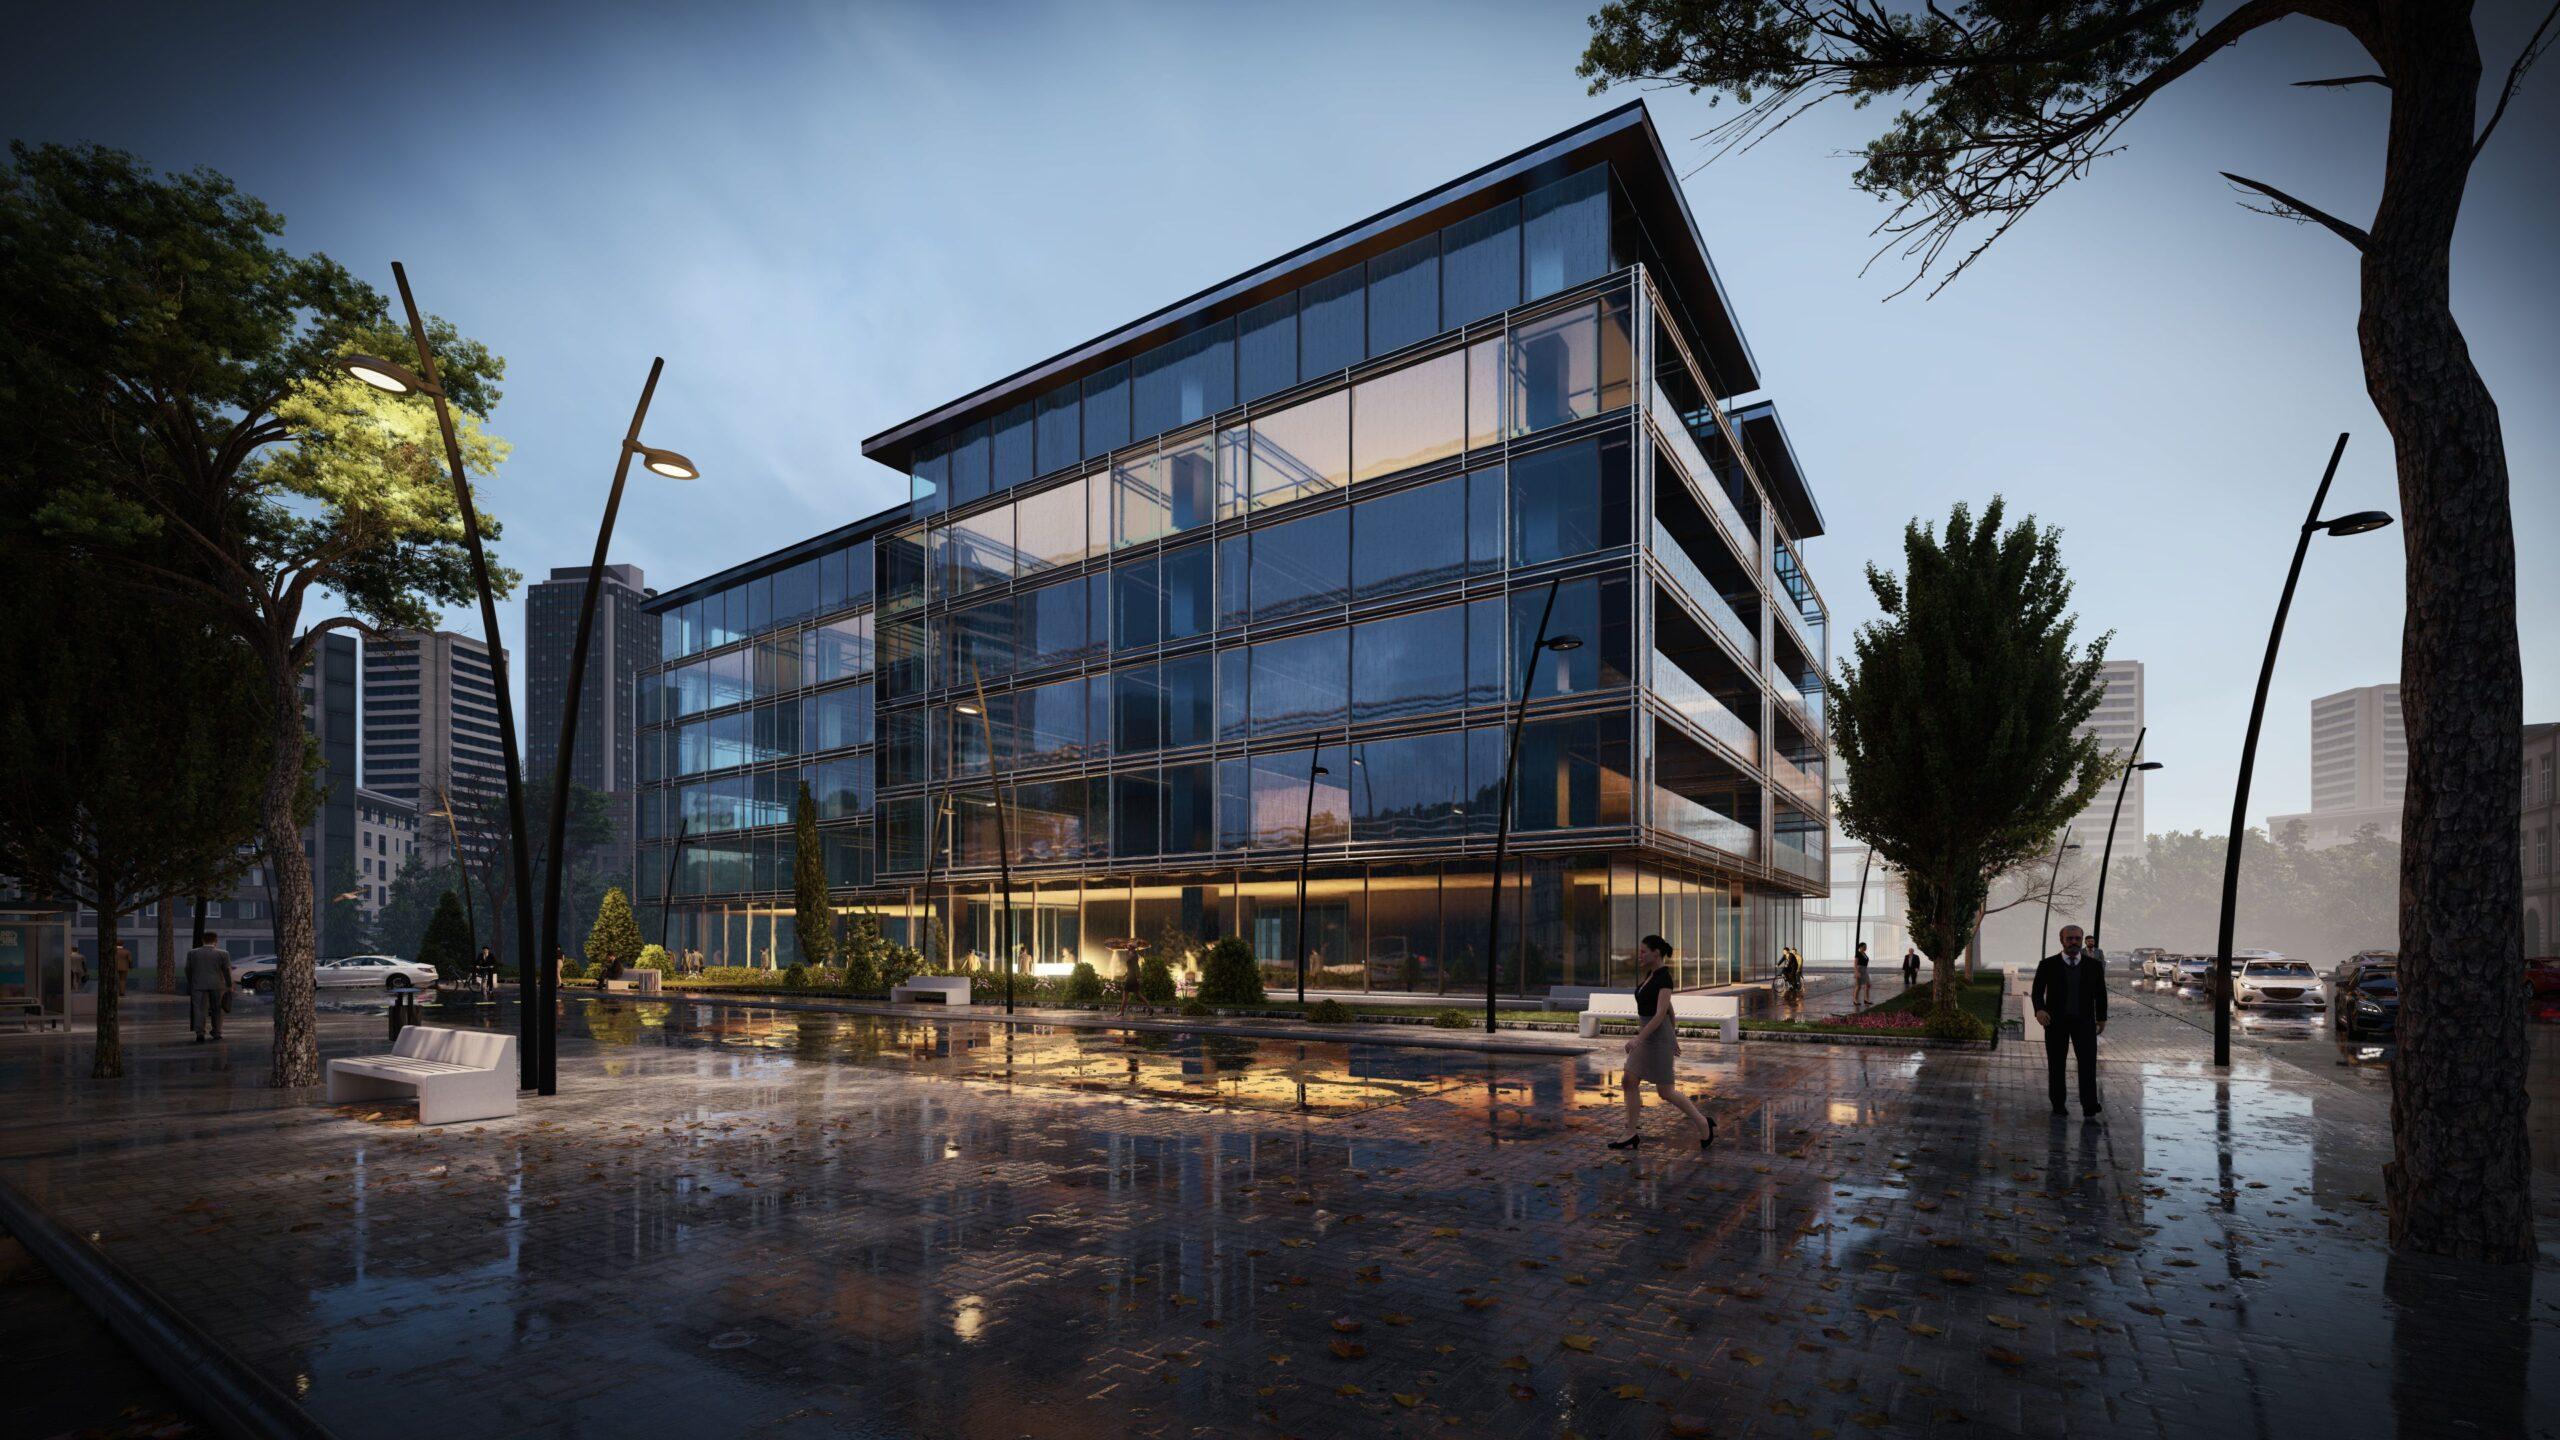 arhitektuurne 3d pilt hoone visualiseerimine 103